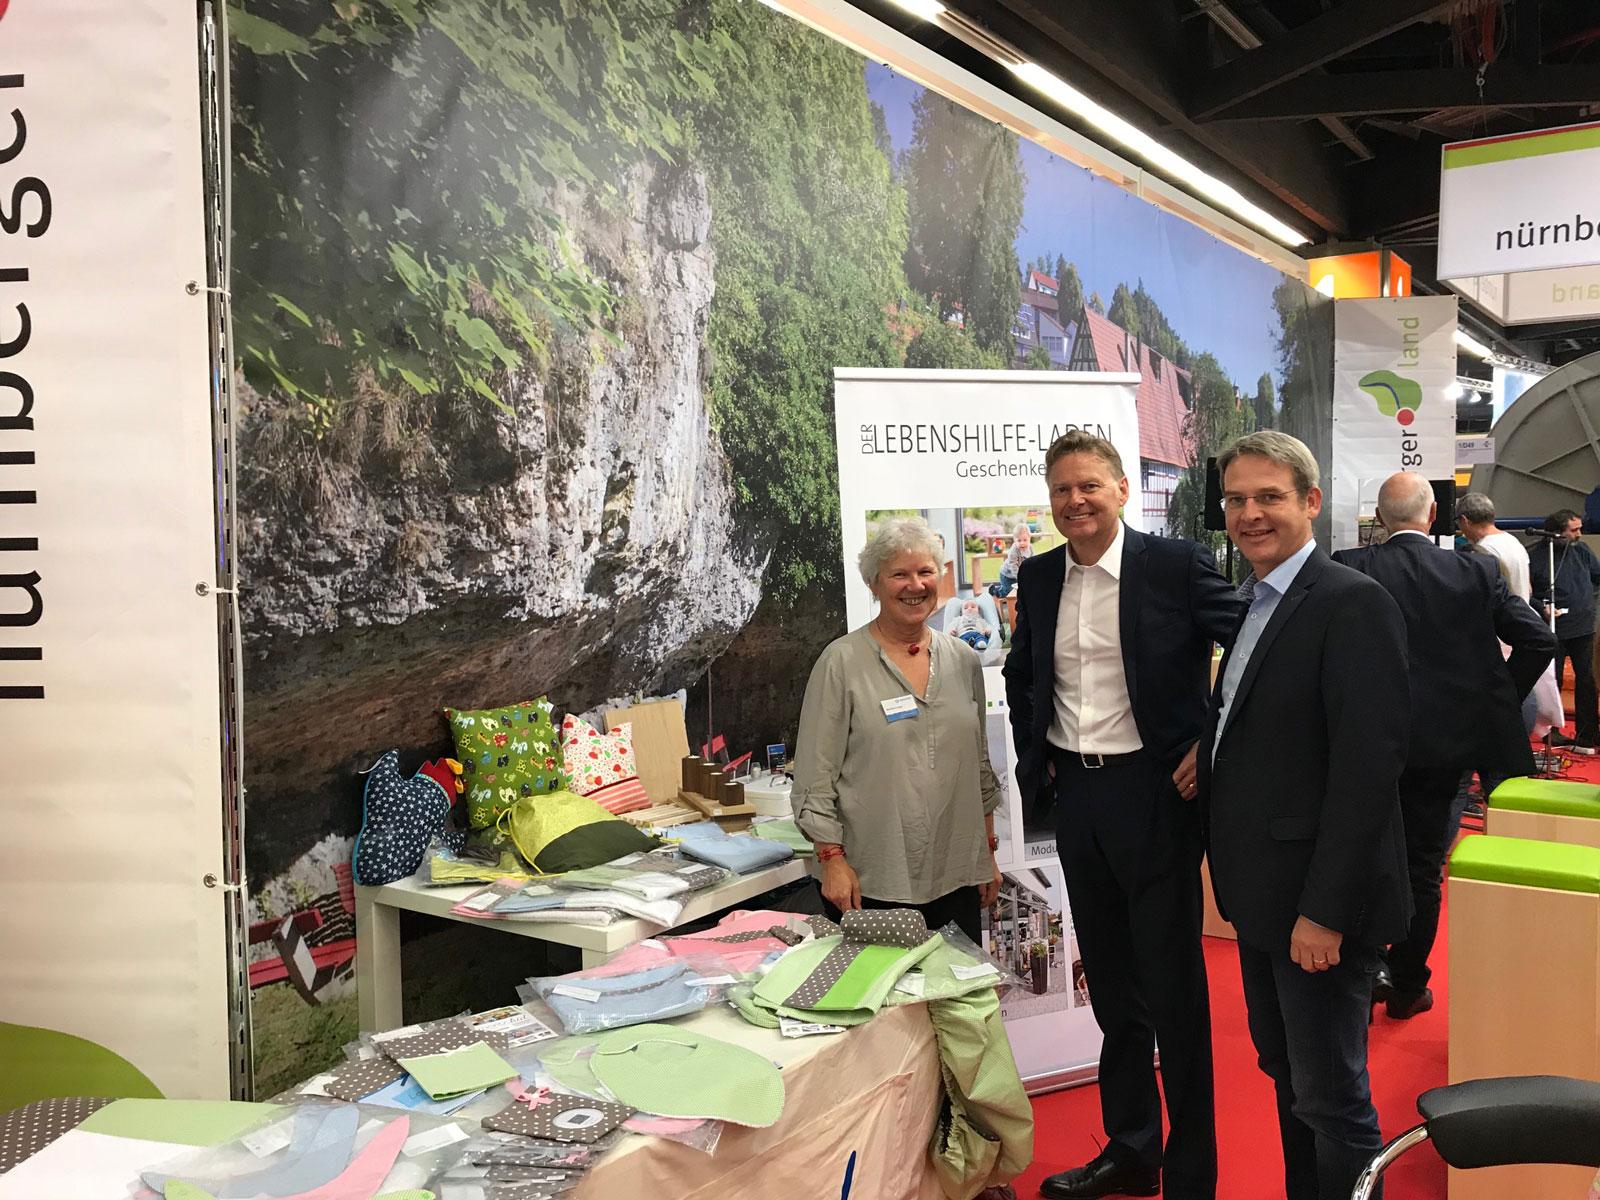 Am Landkreisstand für Produkte der Moritzberg-Werkstätten geworben. Geschäftsführer Norbert Dünkel dankte gegenüber Frau Crueger, die viele Jahre schon die Lebenshilfe ehrenamtlich unterstützt.